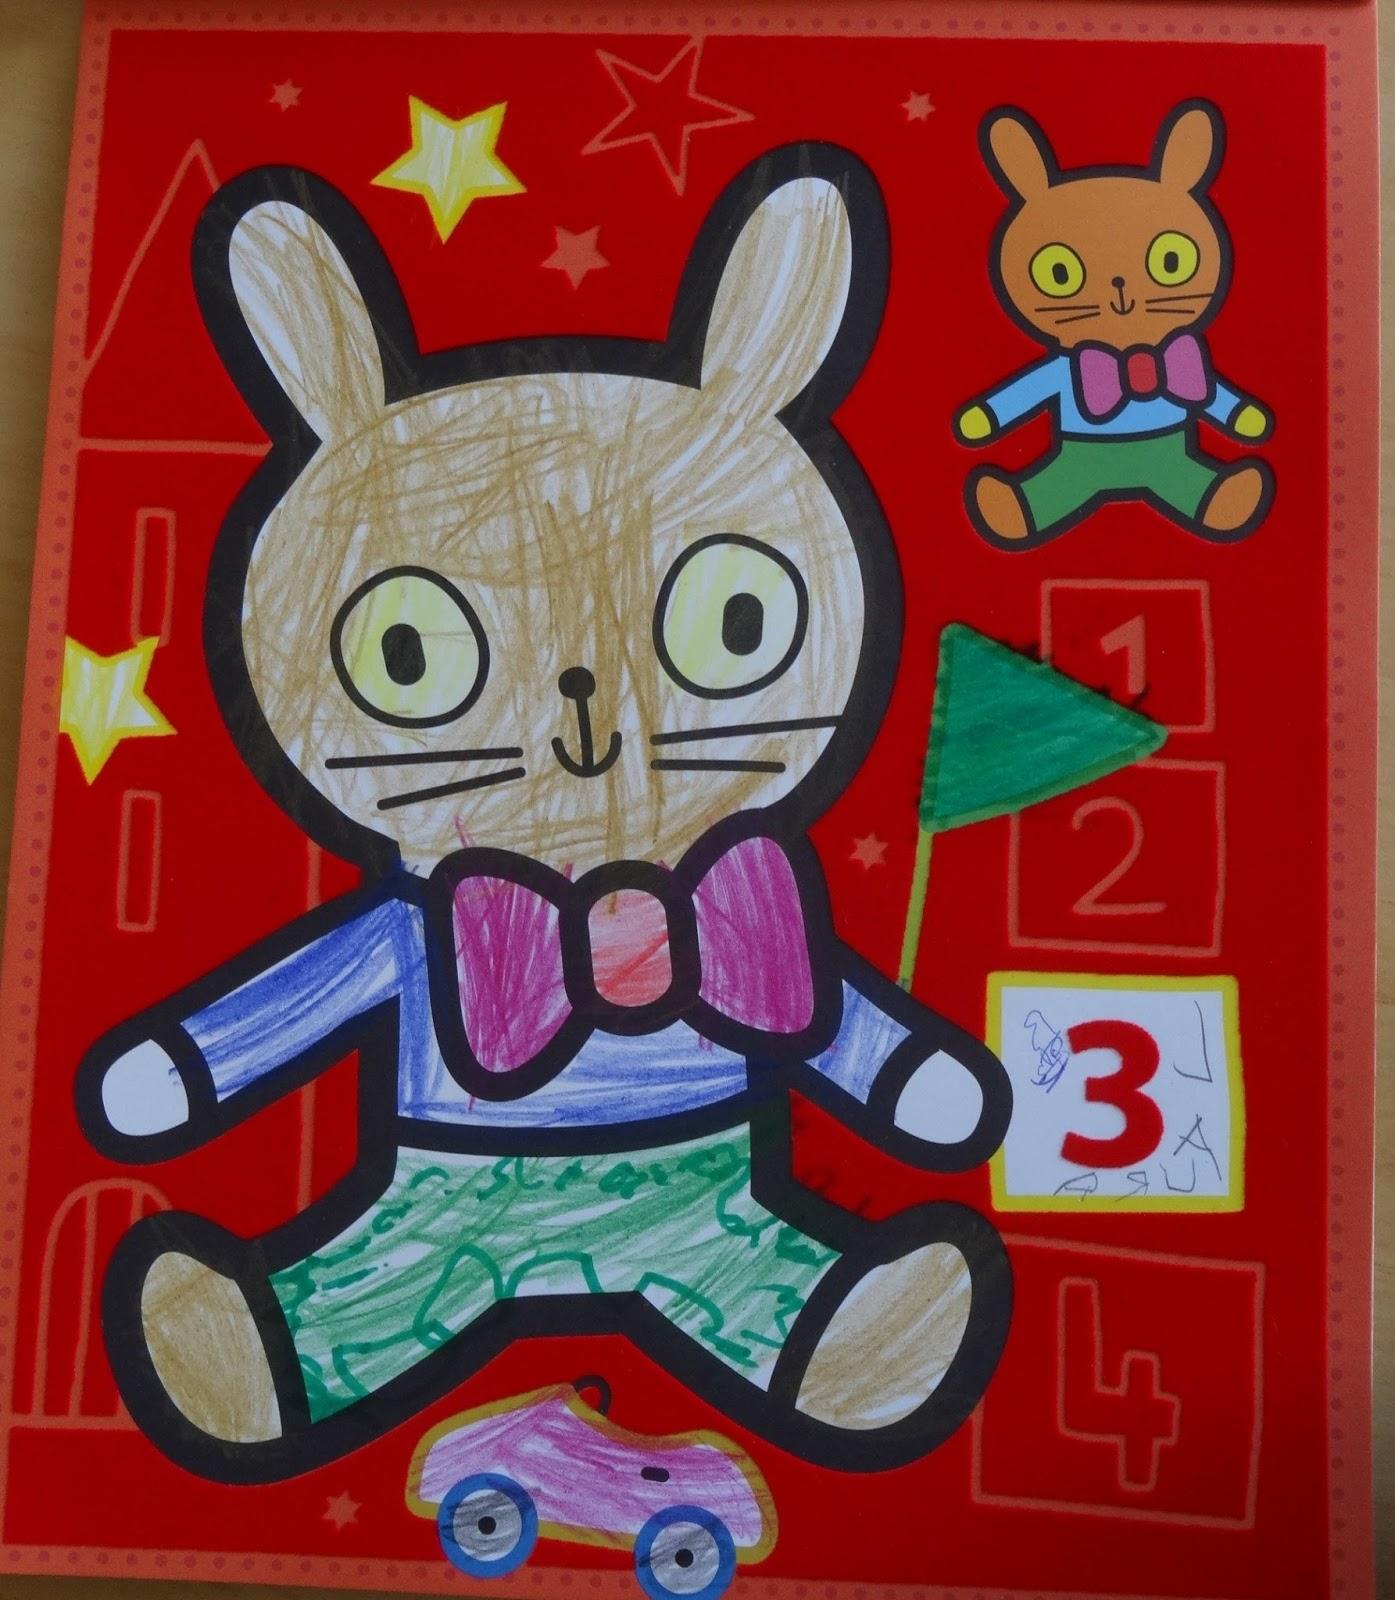 Une fois le coloriage terminé l enfant pourra choisir de l offrir ou de l afficher 16 pages 21x26 5 cm 6 90 euros